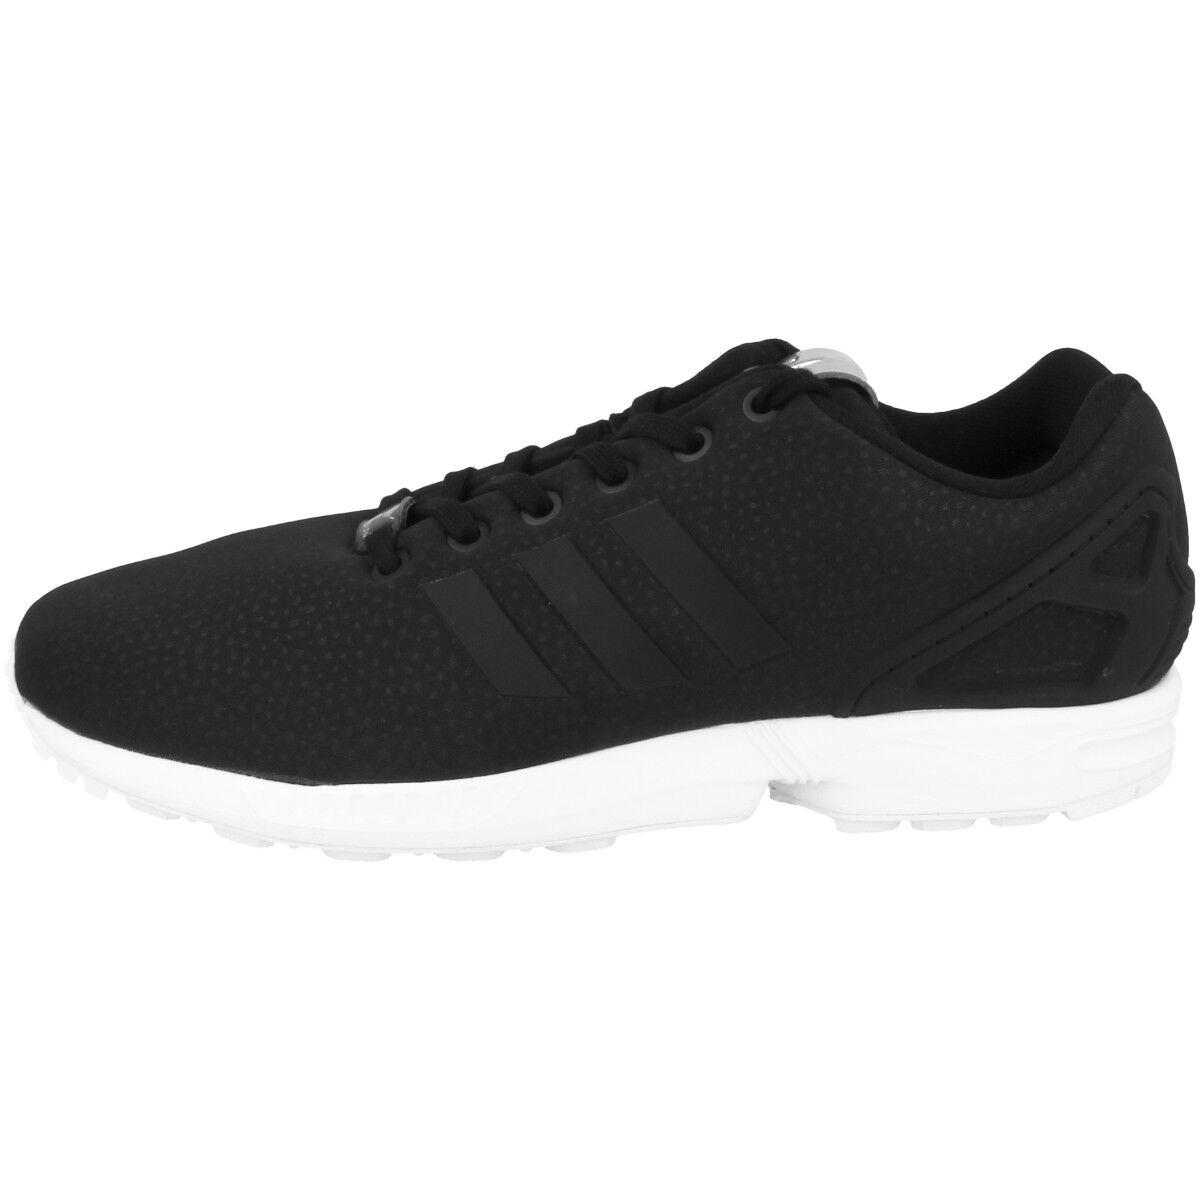 Adidas ZX Flux Damens Schuhe Damen Sneaker schwarz silver Los Angeles ZX750 BY9215